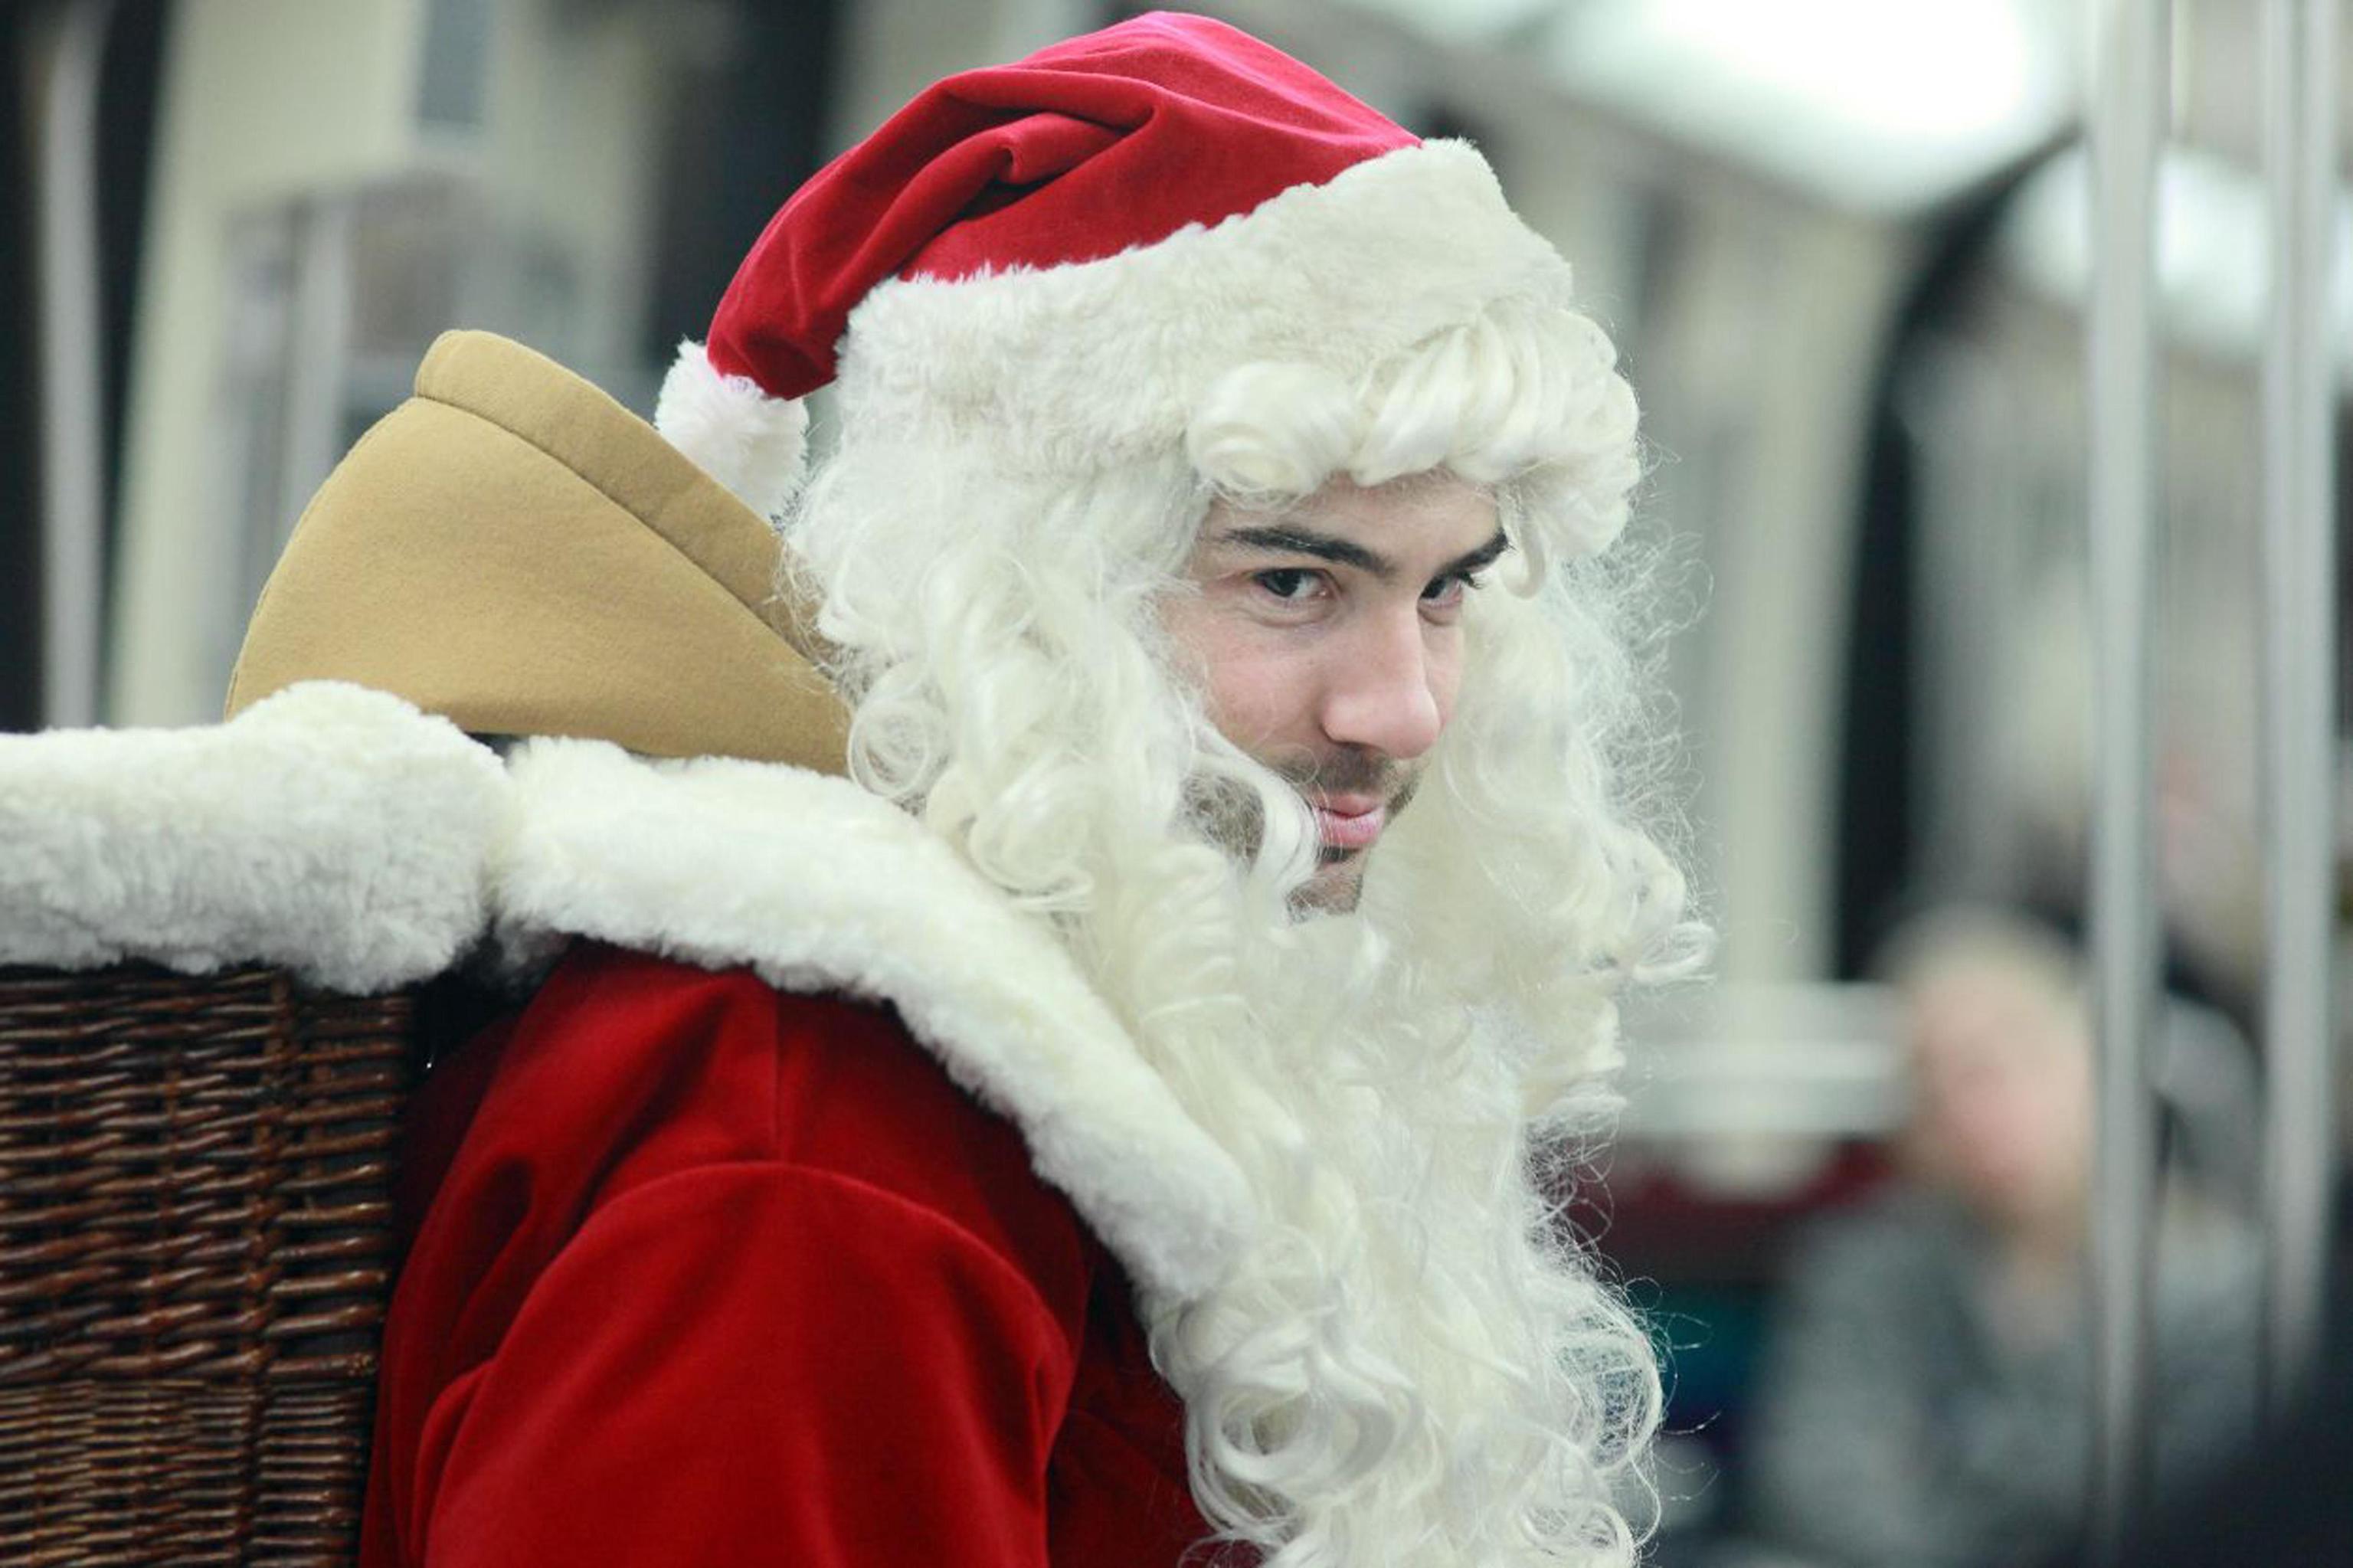 Cercasi Babbo Natale per il centro commerciale: a Cremona l'annuncio di lavoro da 1500 euro